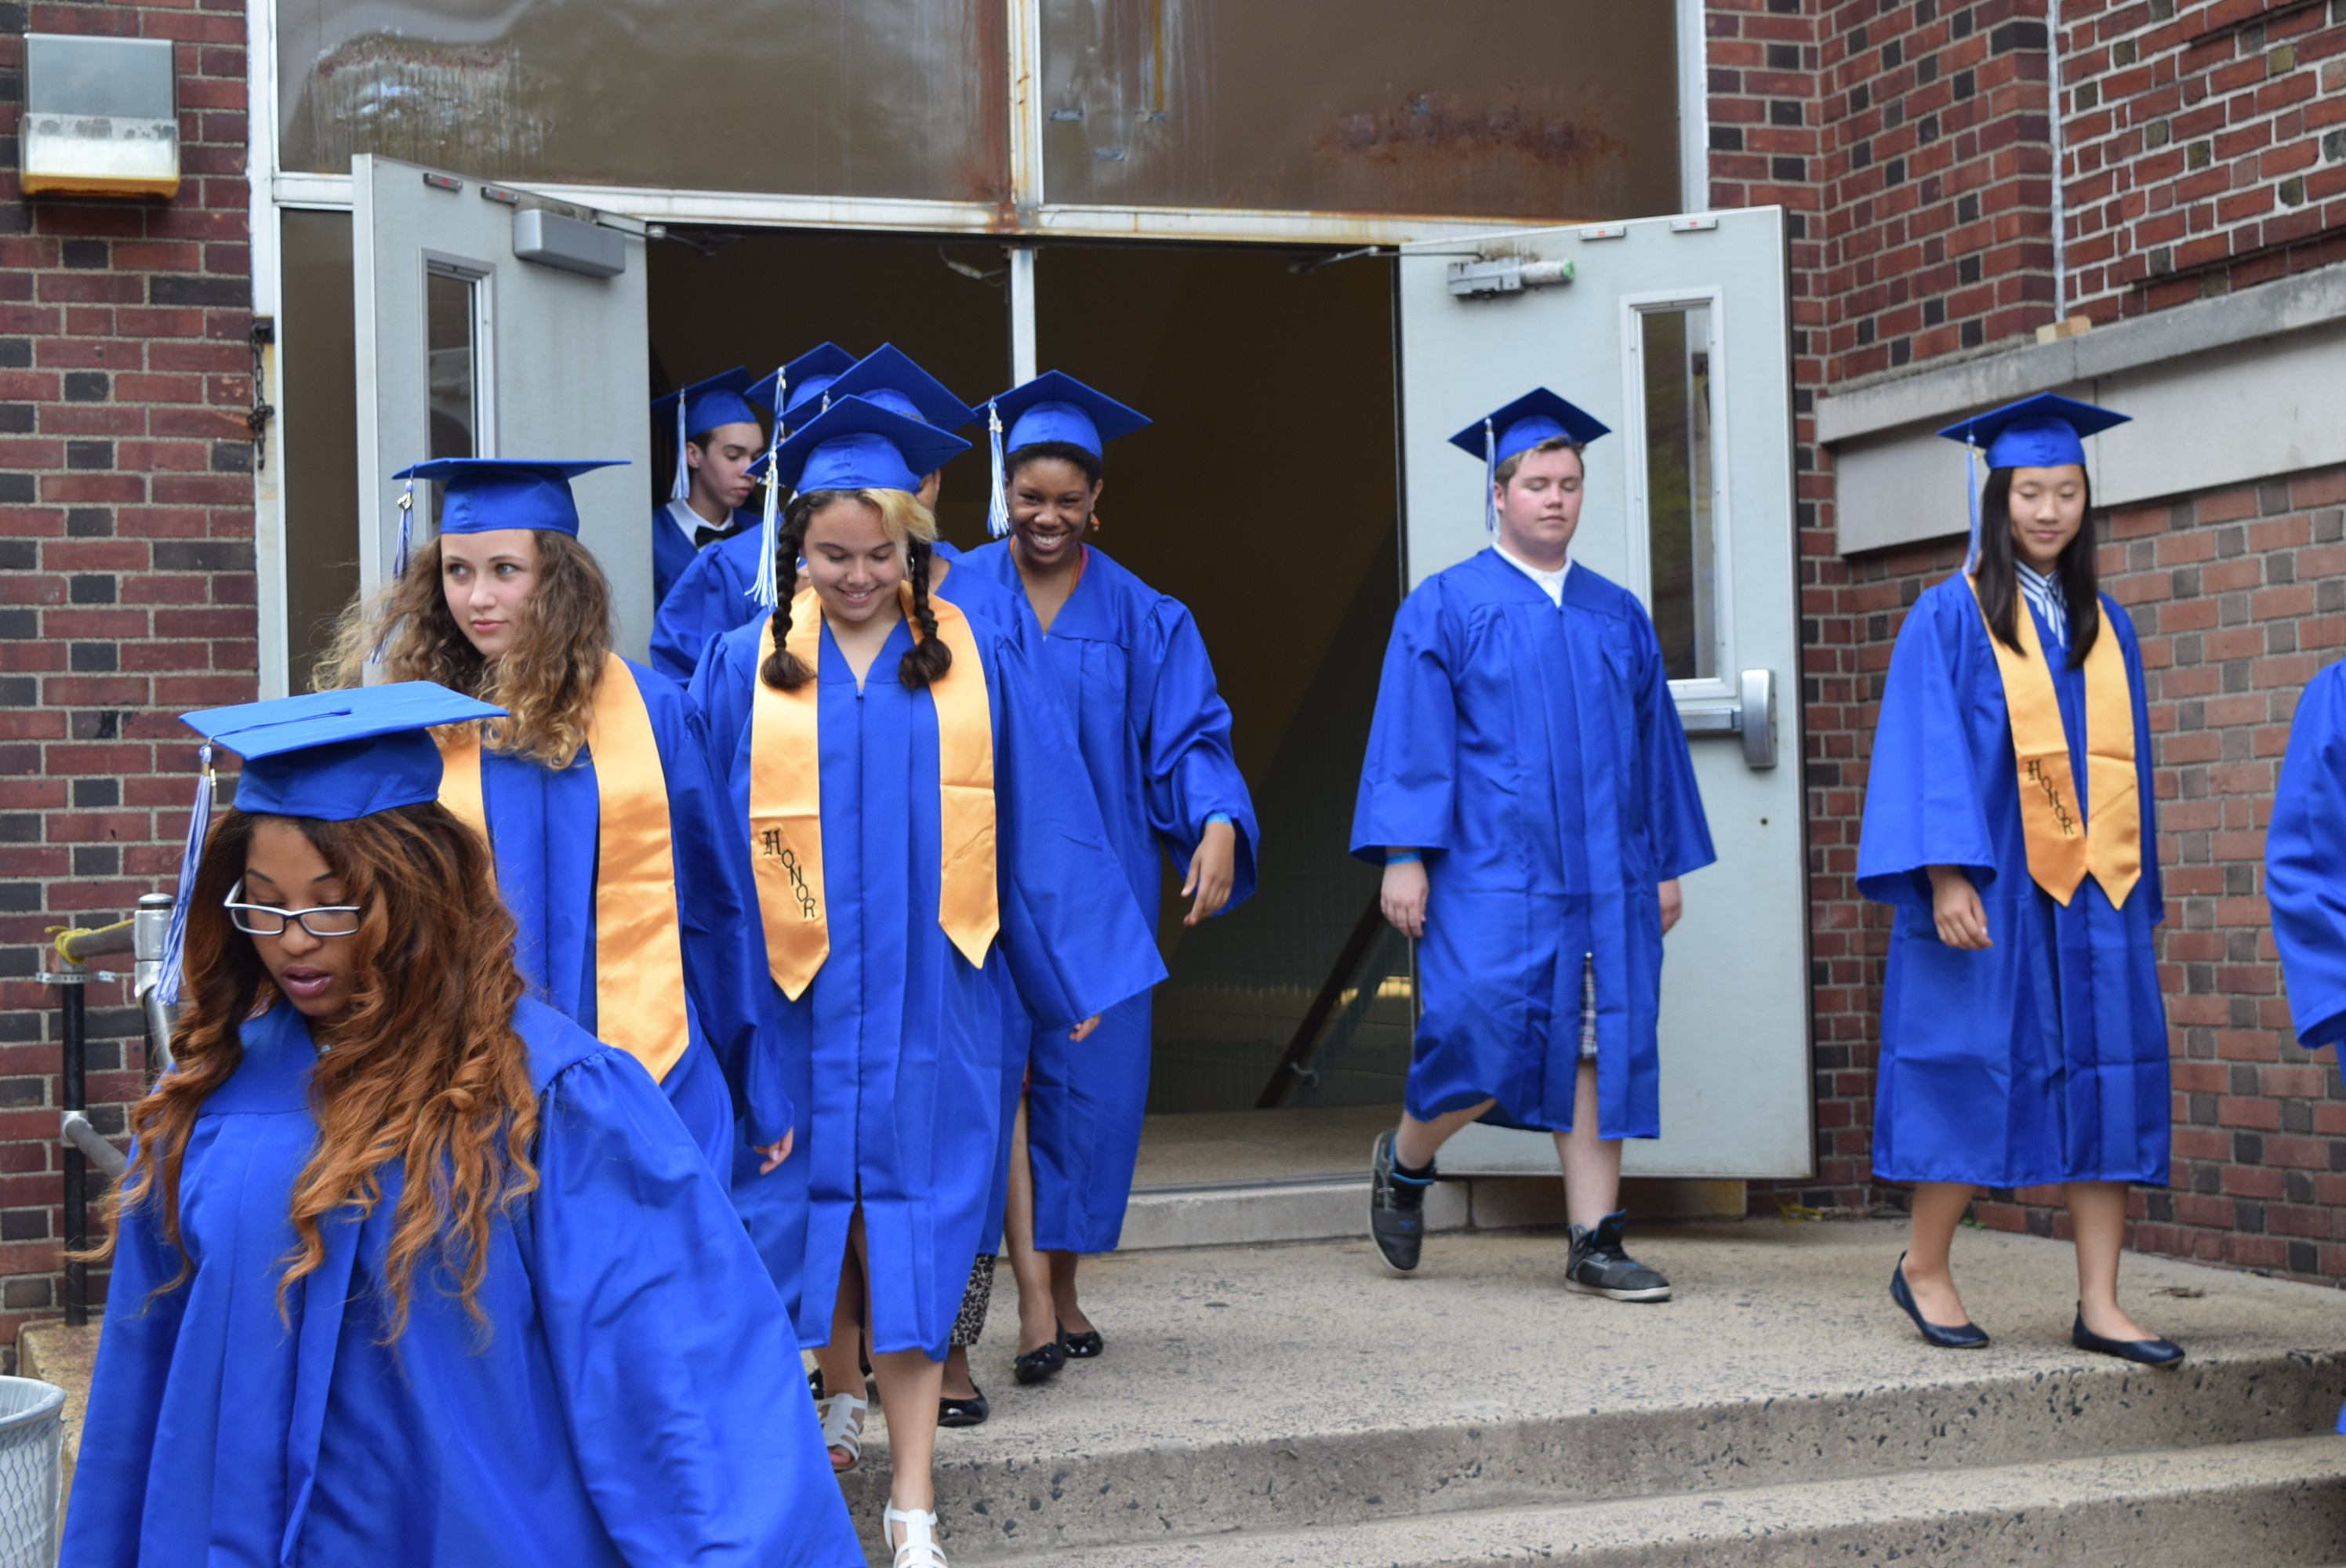 b3de1f22c42176802a15_MHS_graduation.6.23.14_006.jpg